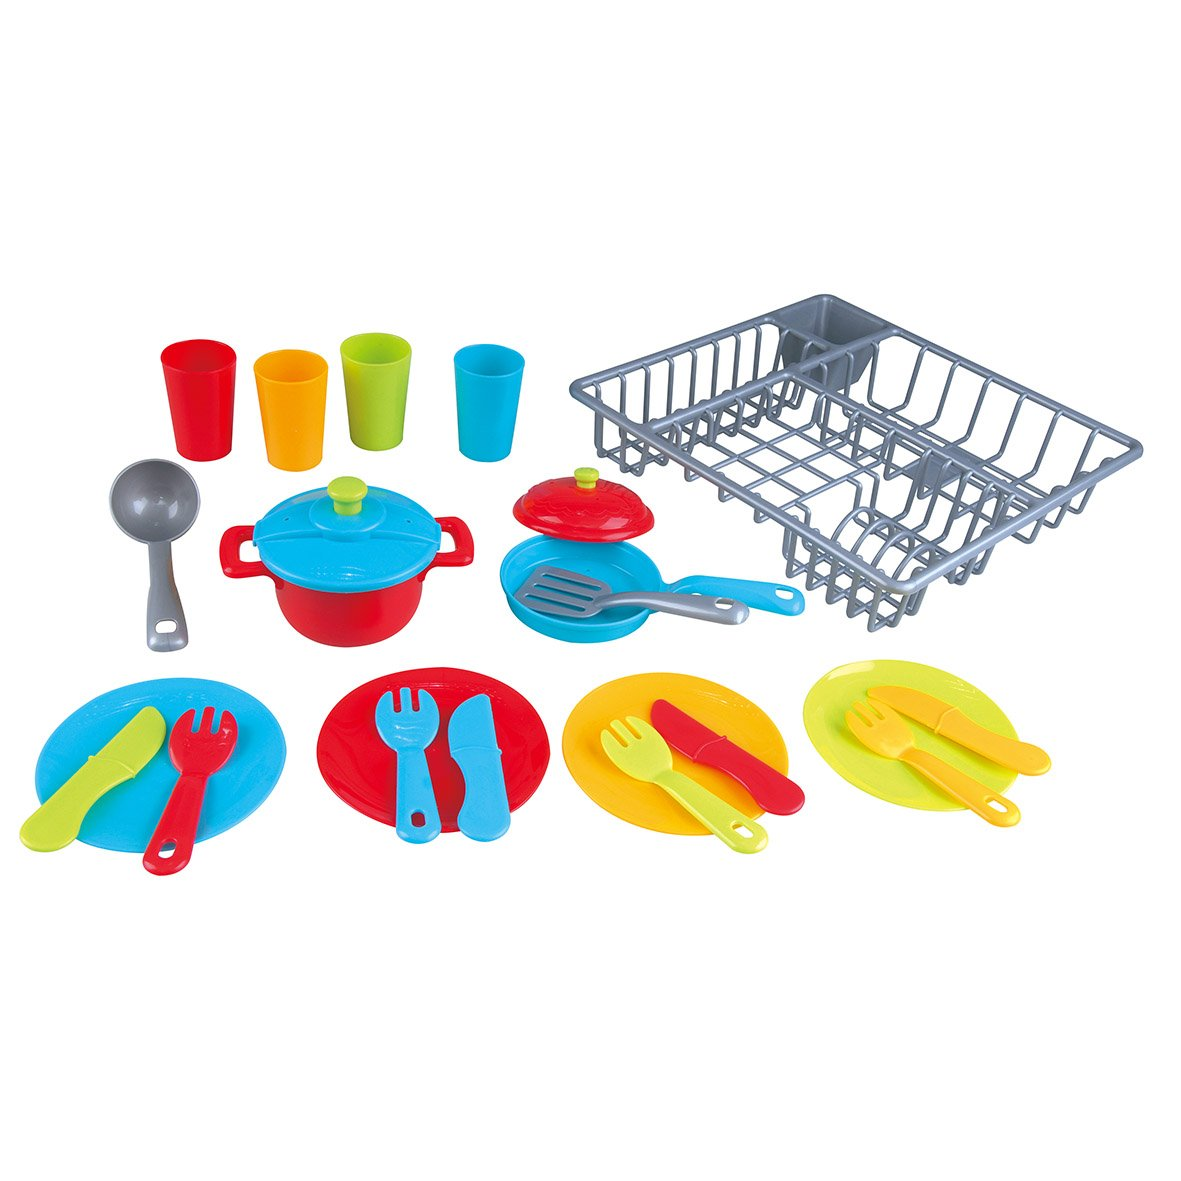 Купить Игровой набор - сушилка с посудой, 23 предмета, PlayGo